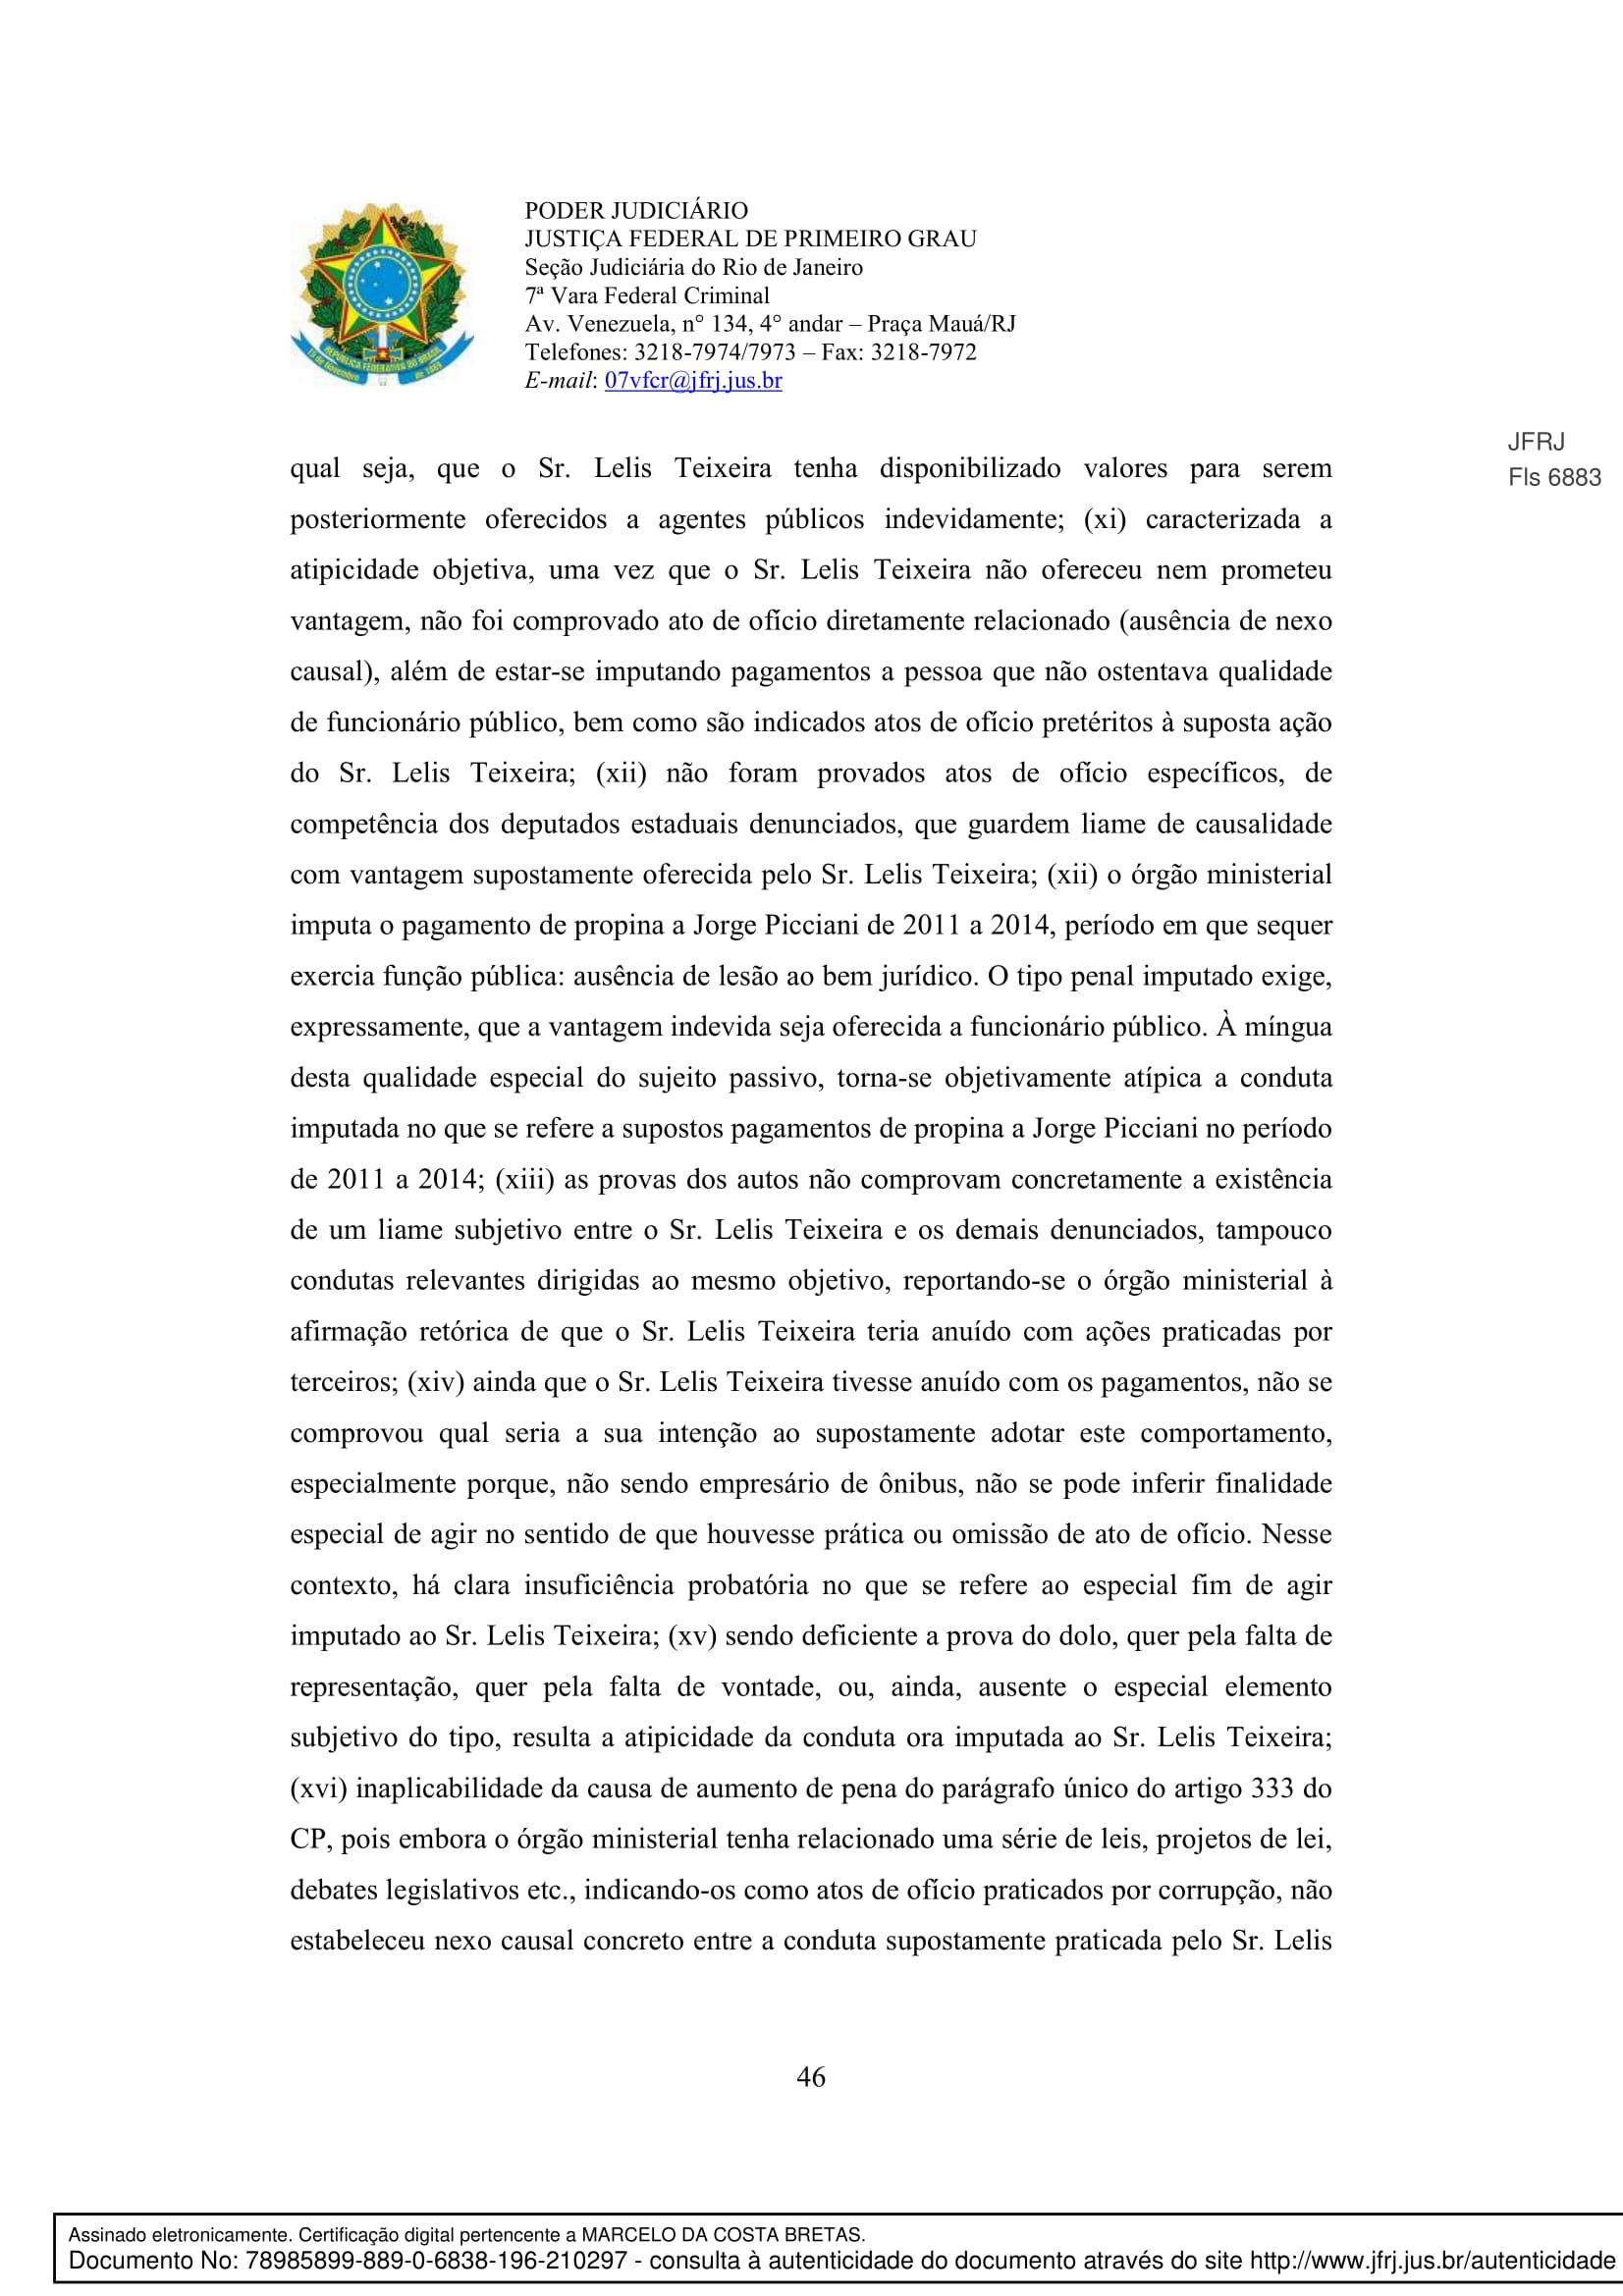 Sentenca-Cadeia-Velha-7VFC-046